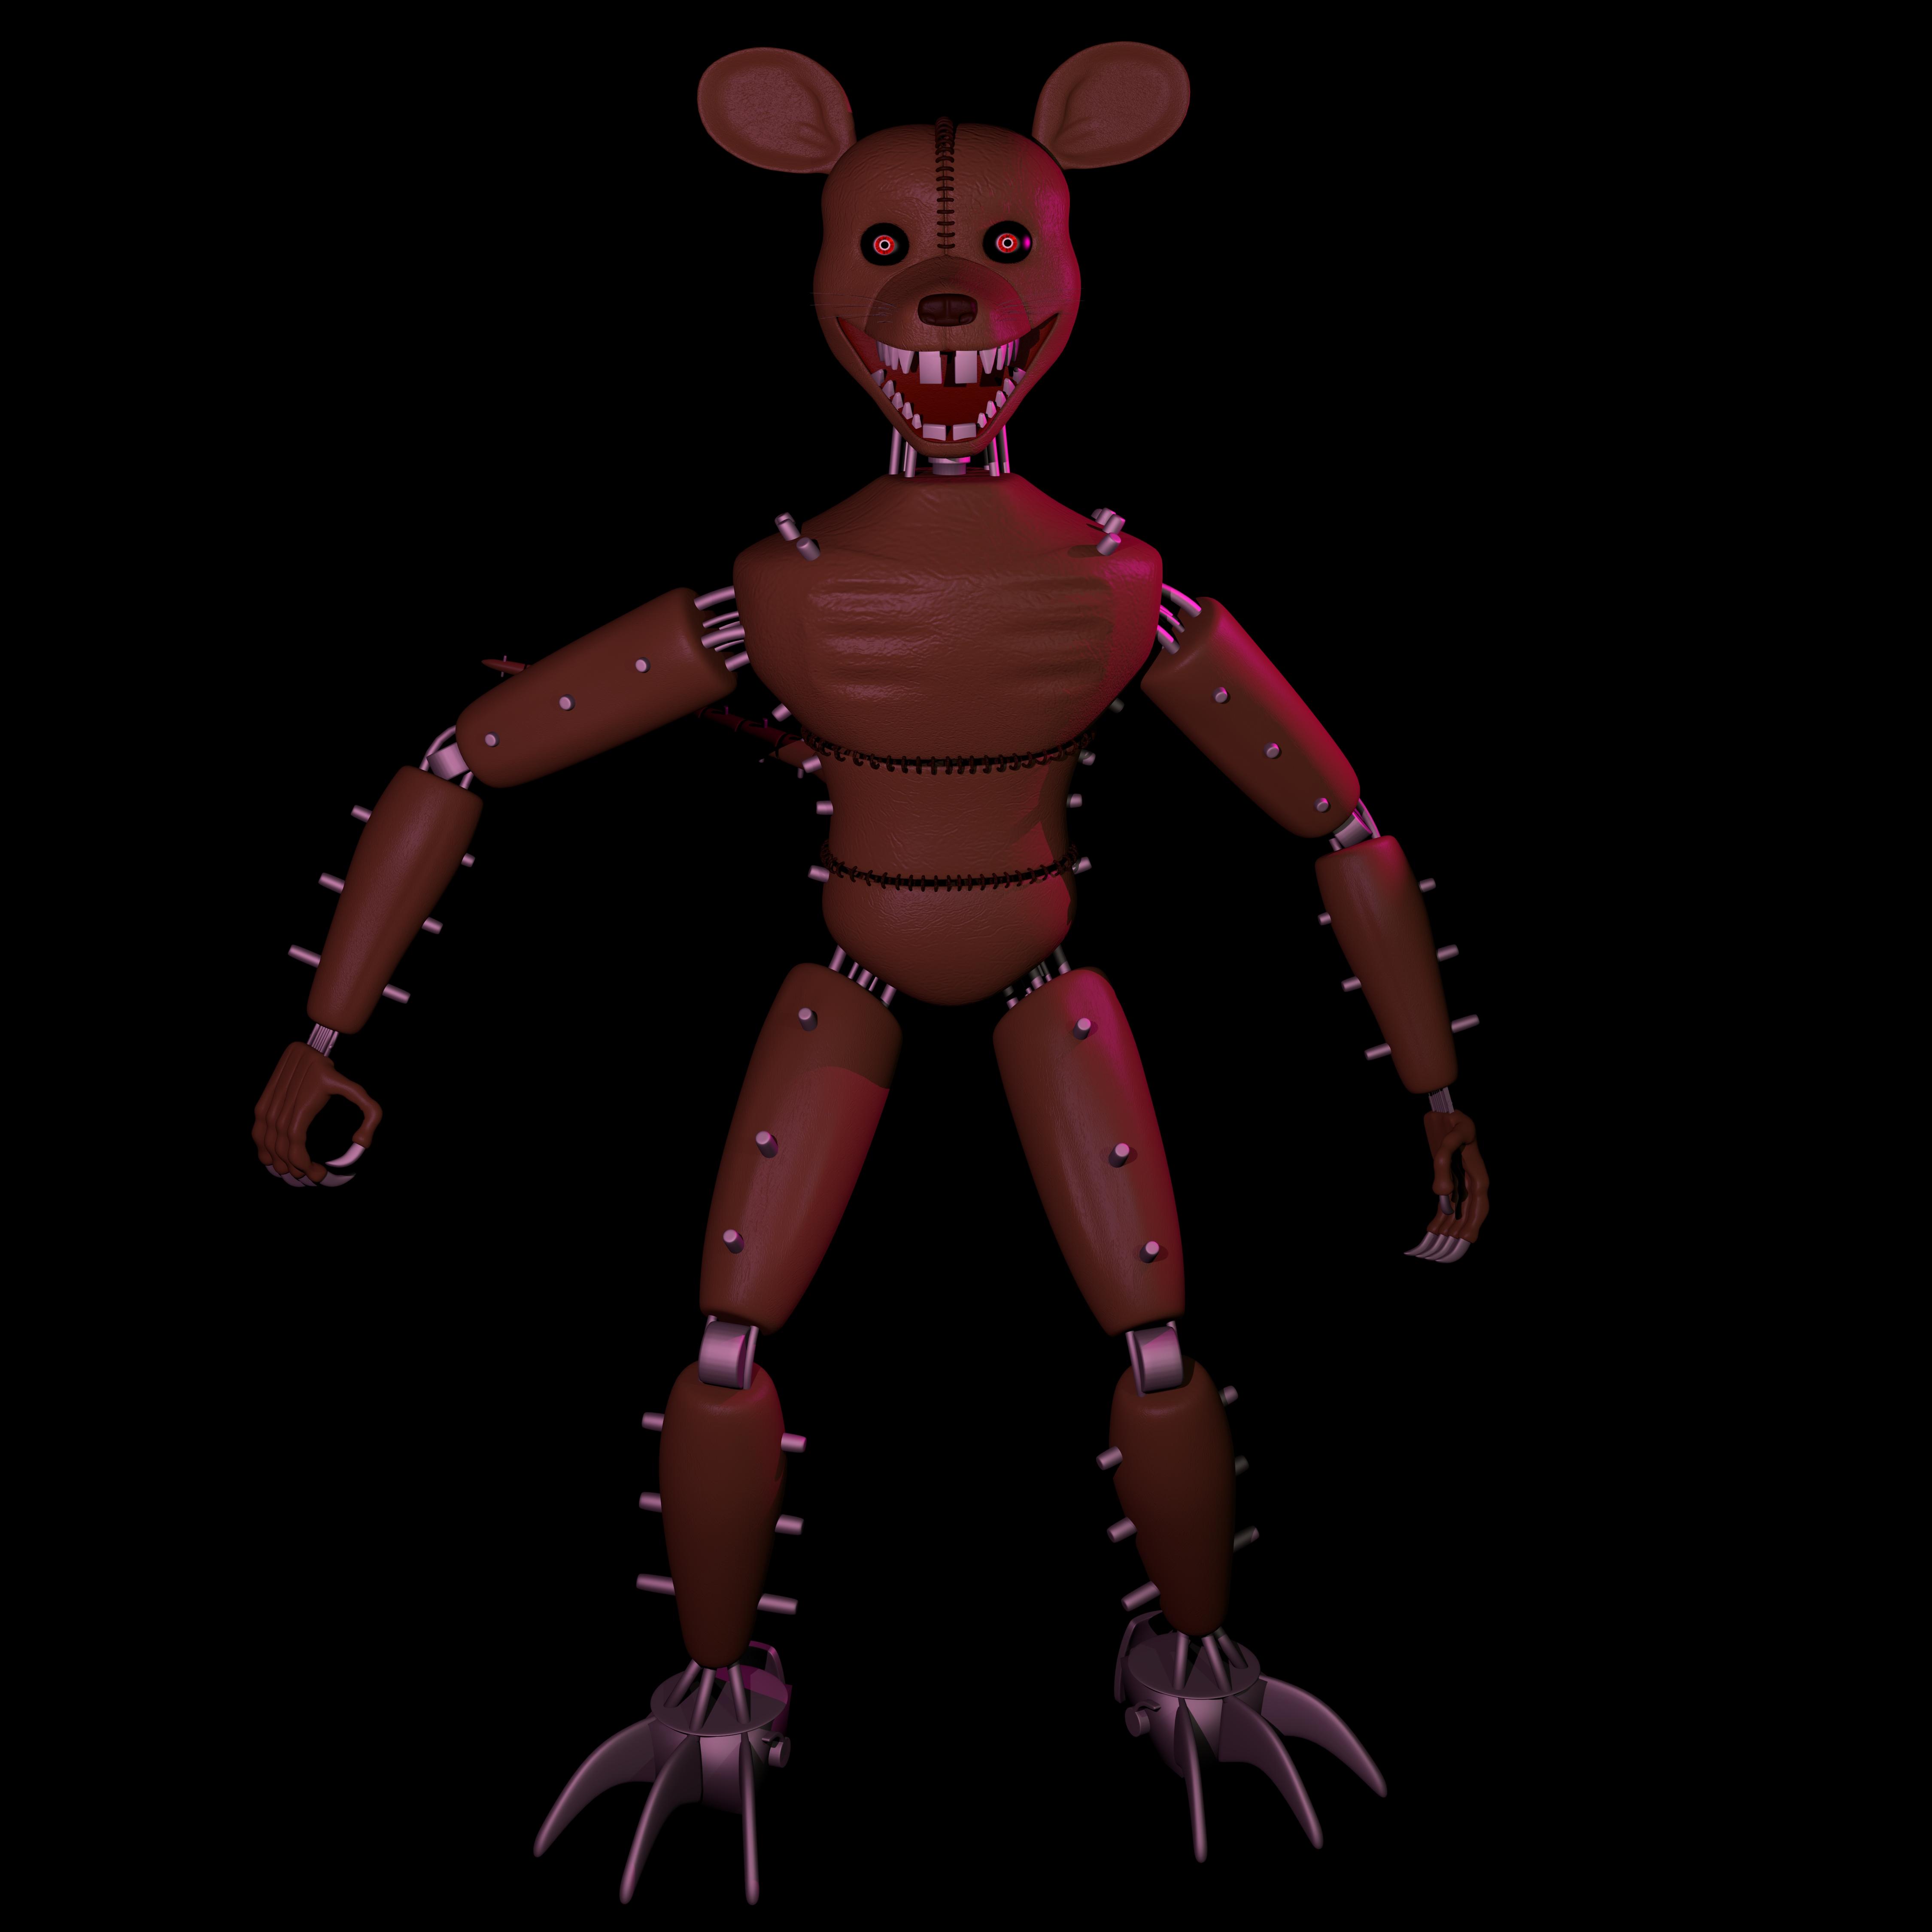 Monster Rat Fnac 3(blender Oficial Release) By Crepet9000